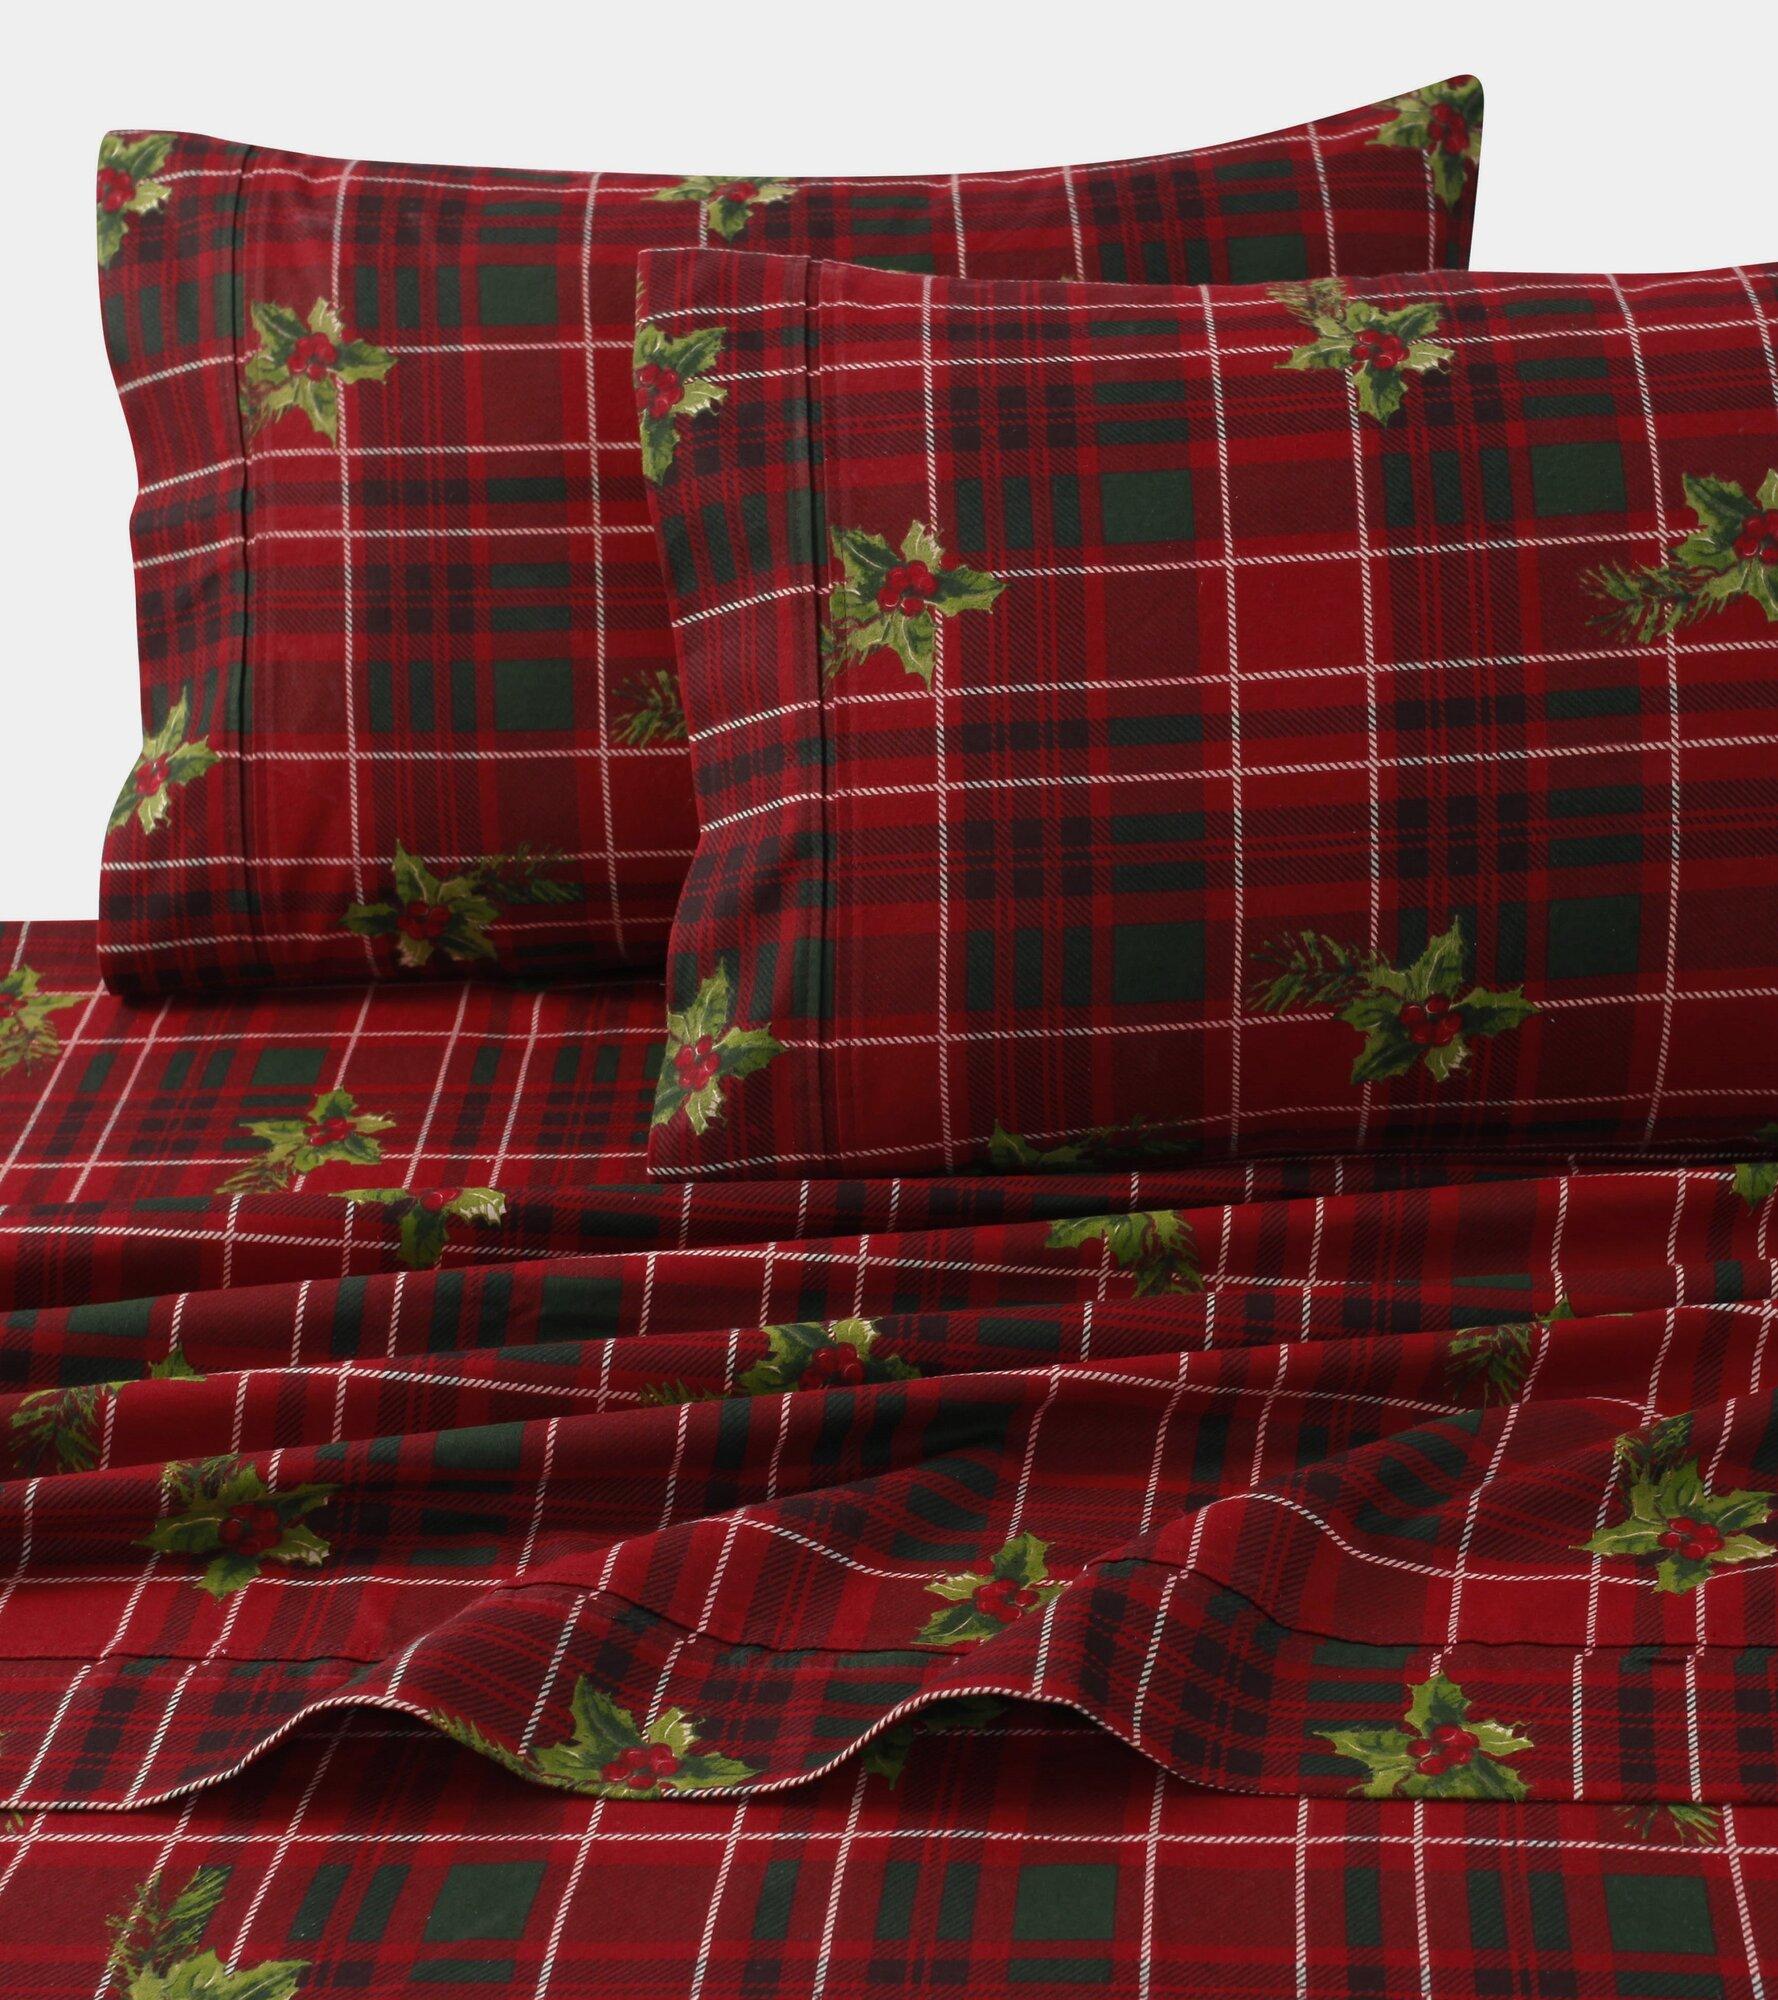 tribeca living vintage plaid print 4 piece 100 cotton sheet set ebay. Black Bedroom Furniture Sets. Home Design Ideas